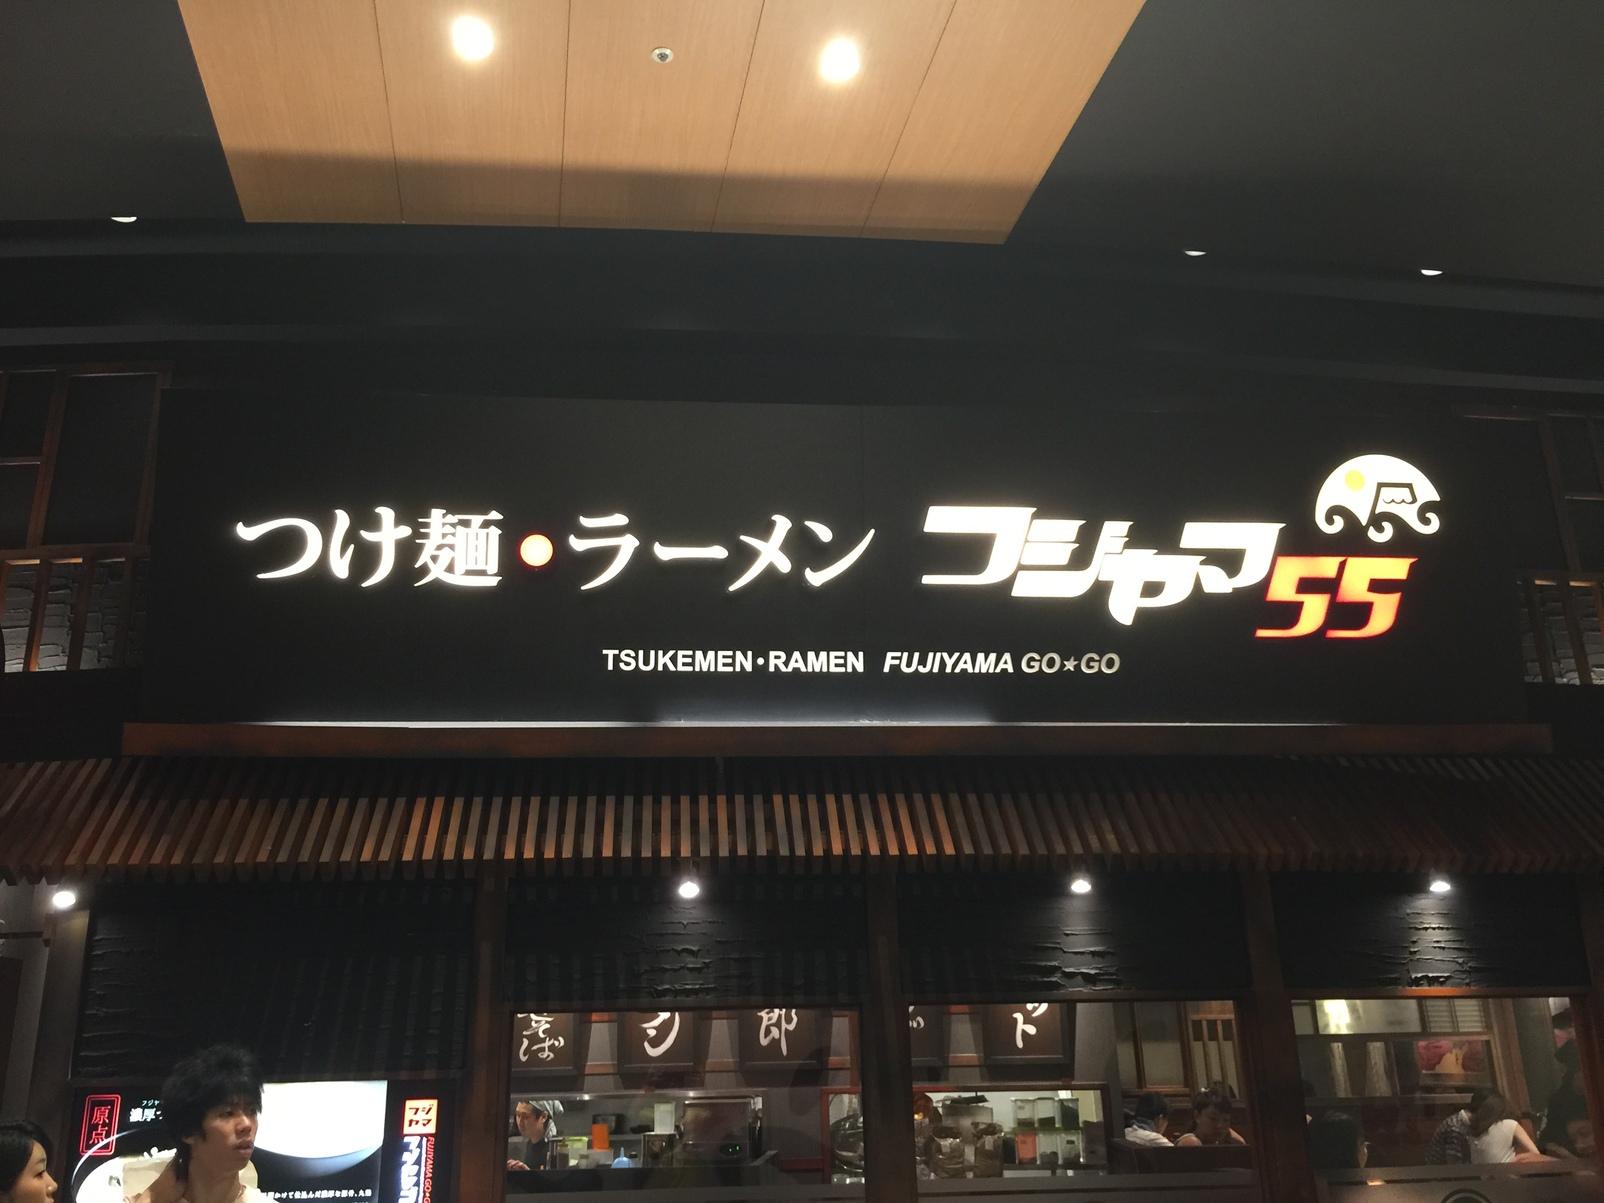 フジヤマ55 mozo店